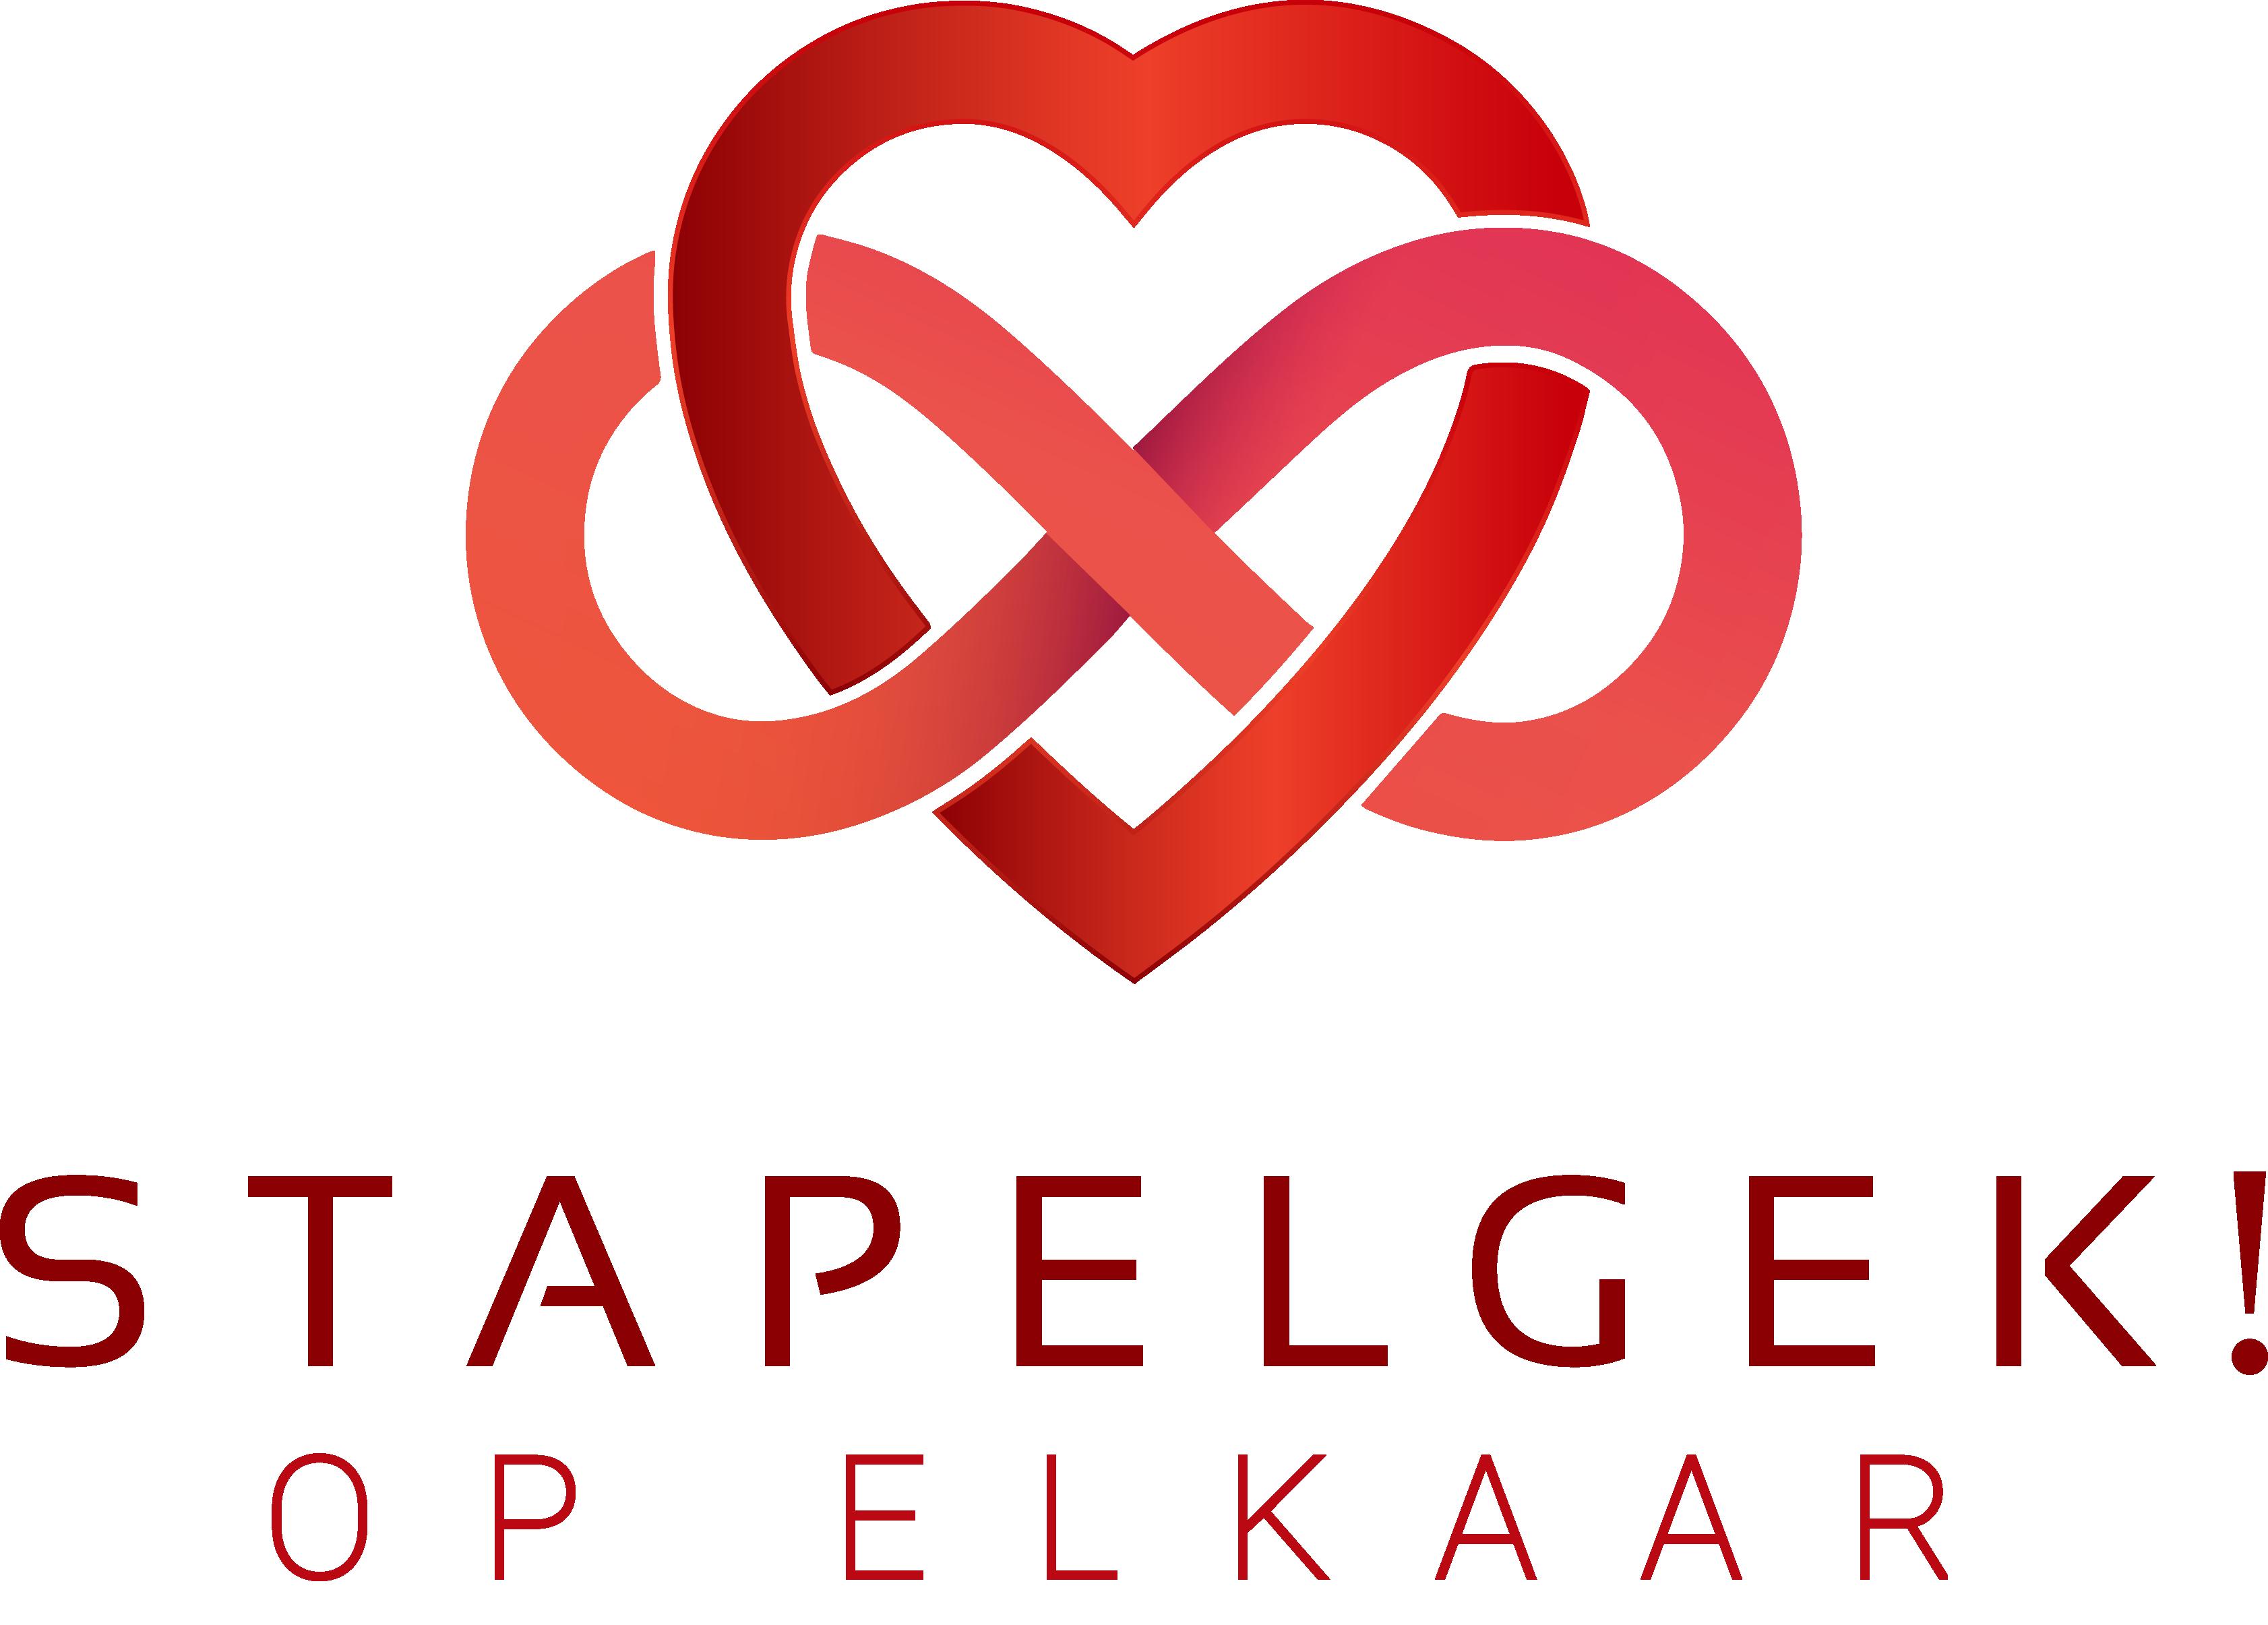 Stapelgek Academy | Relatietherapie | Relatiecoach | Online Relatietest | Lezingen | Online Relatiecoaching